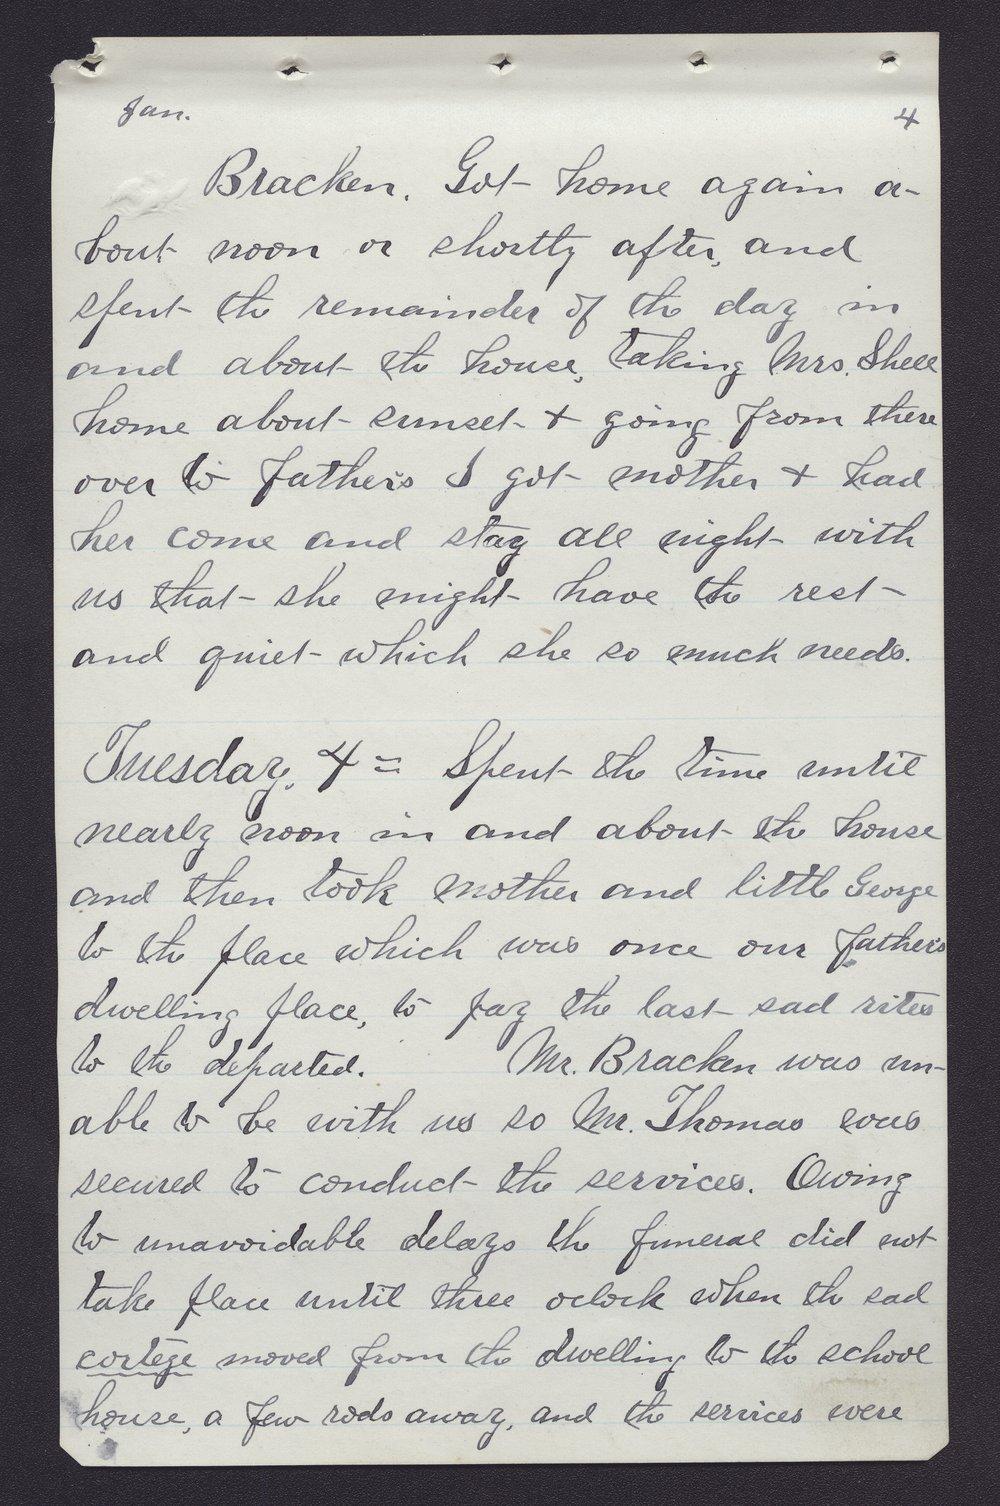 Elam Bartholomew diary - Jan 4, 1881 (1)